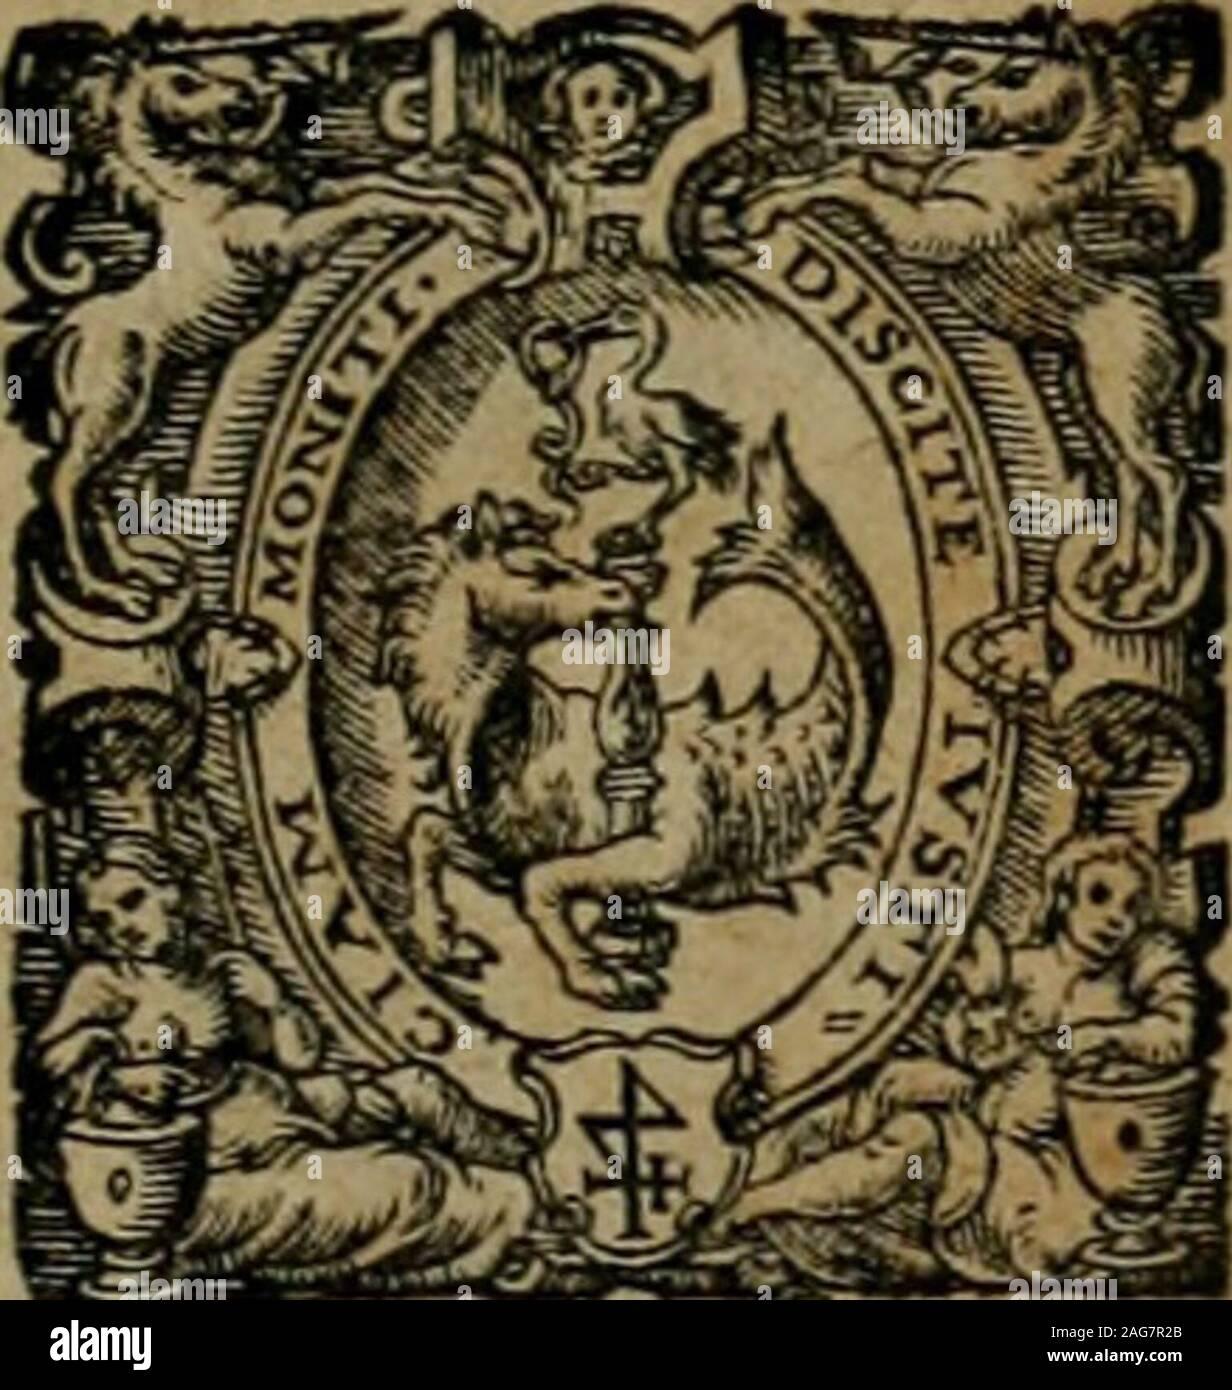 . De monetis, et re nvmaria, libri dvo... His accesservnt tractatuvs varii ... necnon consilia ... tam veterum quàm neotericorum authorum, qui de monetis ... scripserunt ... 1 H Al|^ ;• W DE MONETIS, ET RE NVMA- RIA, LIBRI DVO =QVORVM PRIMVS ARTEM CVDENDAE MO; NETAE: SECVNDVS VERO QVAESTIONVM MO-NETAKIARVM DECISIONES CONTINET. HIS ACCESSERVNT TRACTATVS VARII ATQVE VTILES, NECNON consilia, singvlarejqje A D D I- tionetam veterum.quamNeotericorum Authorum,qui deMonetis,earundcmquevalore,liga, pondere, poteitate,mutatione,variatione,falfitate, ac fimilibus fcripferunt. Quorttm omrimm Catalogumpag Stock Photo